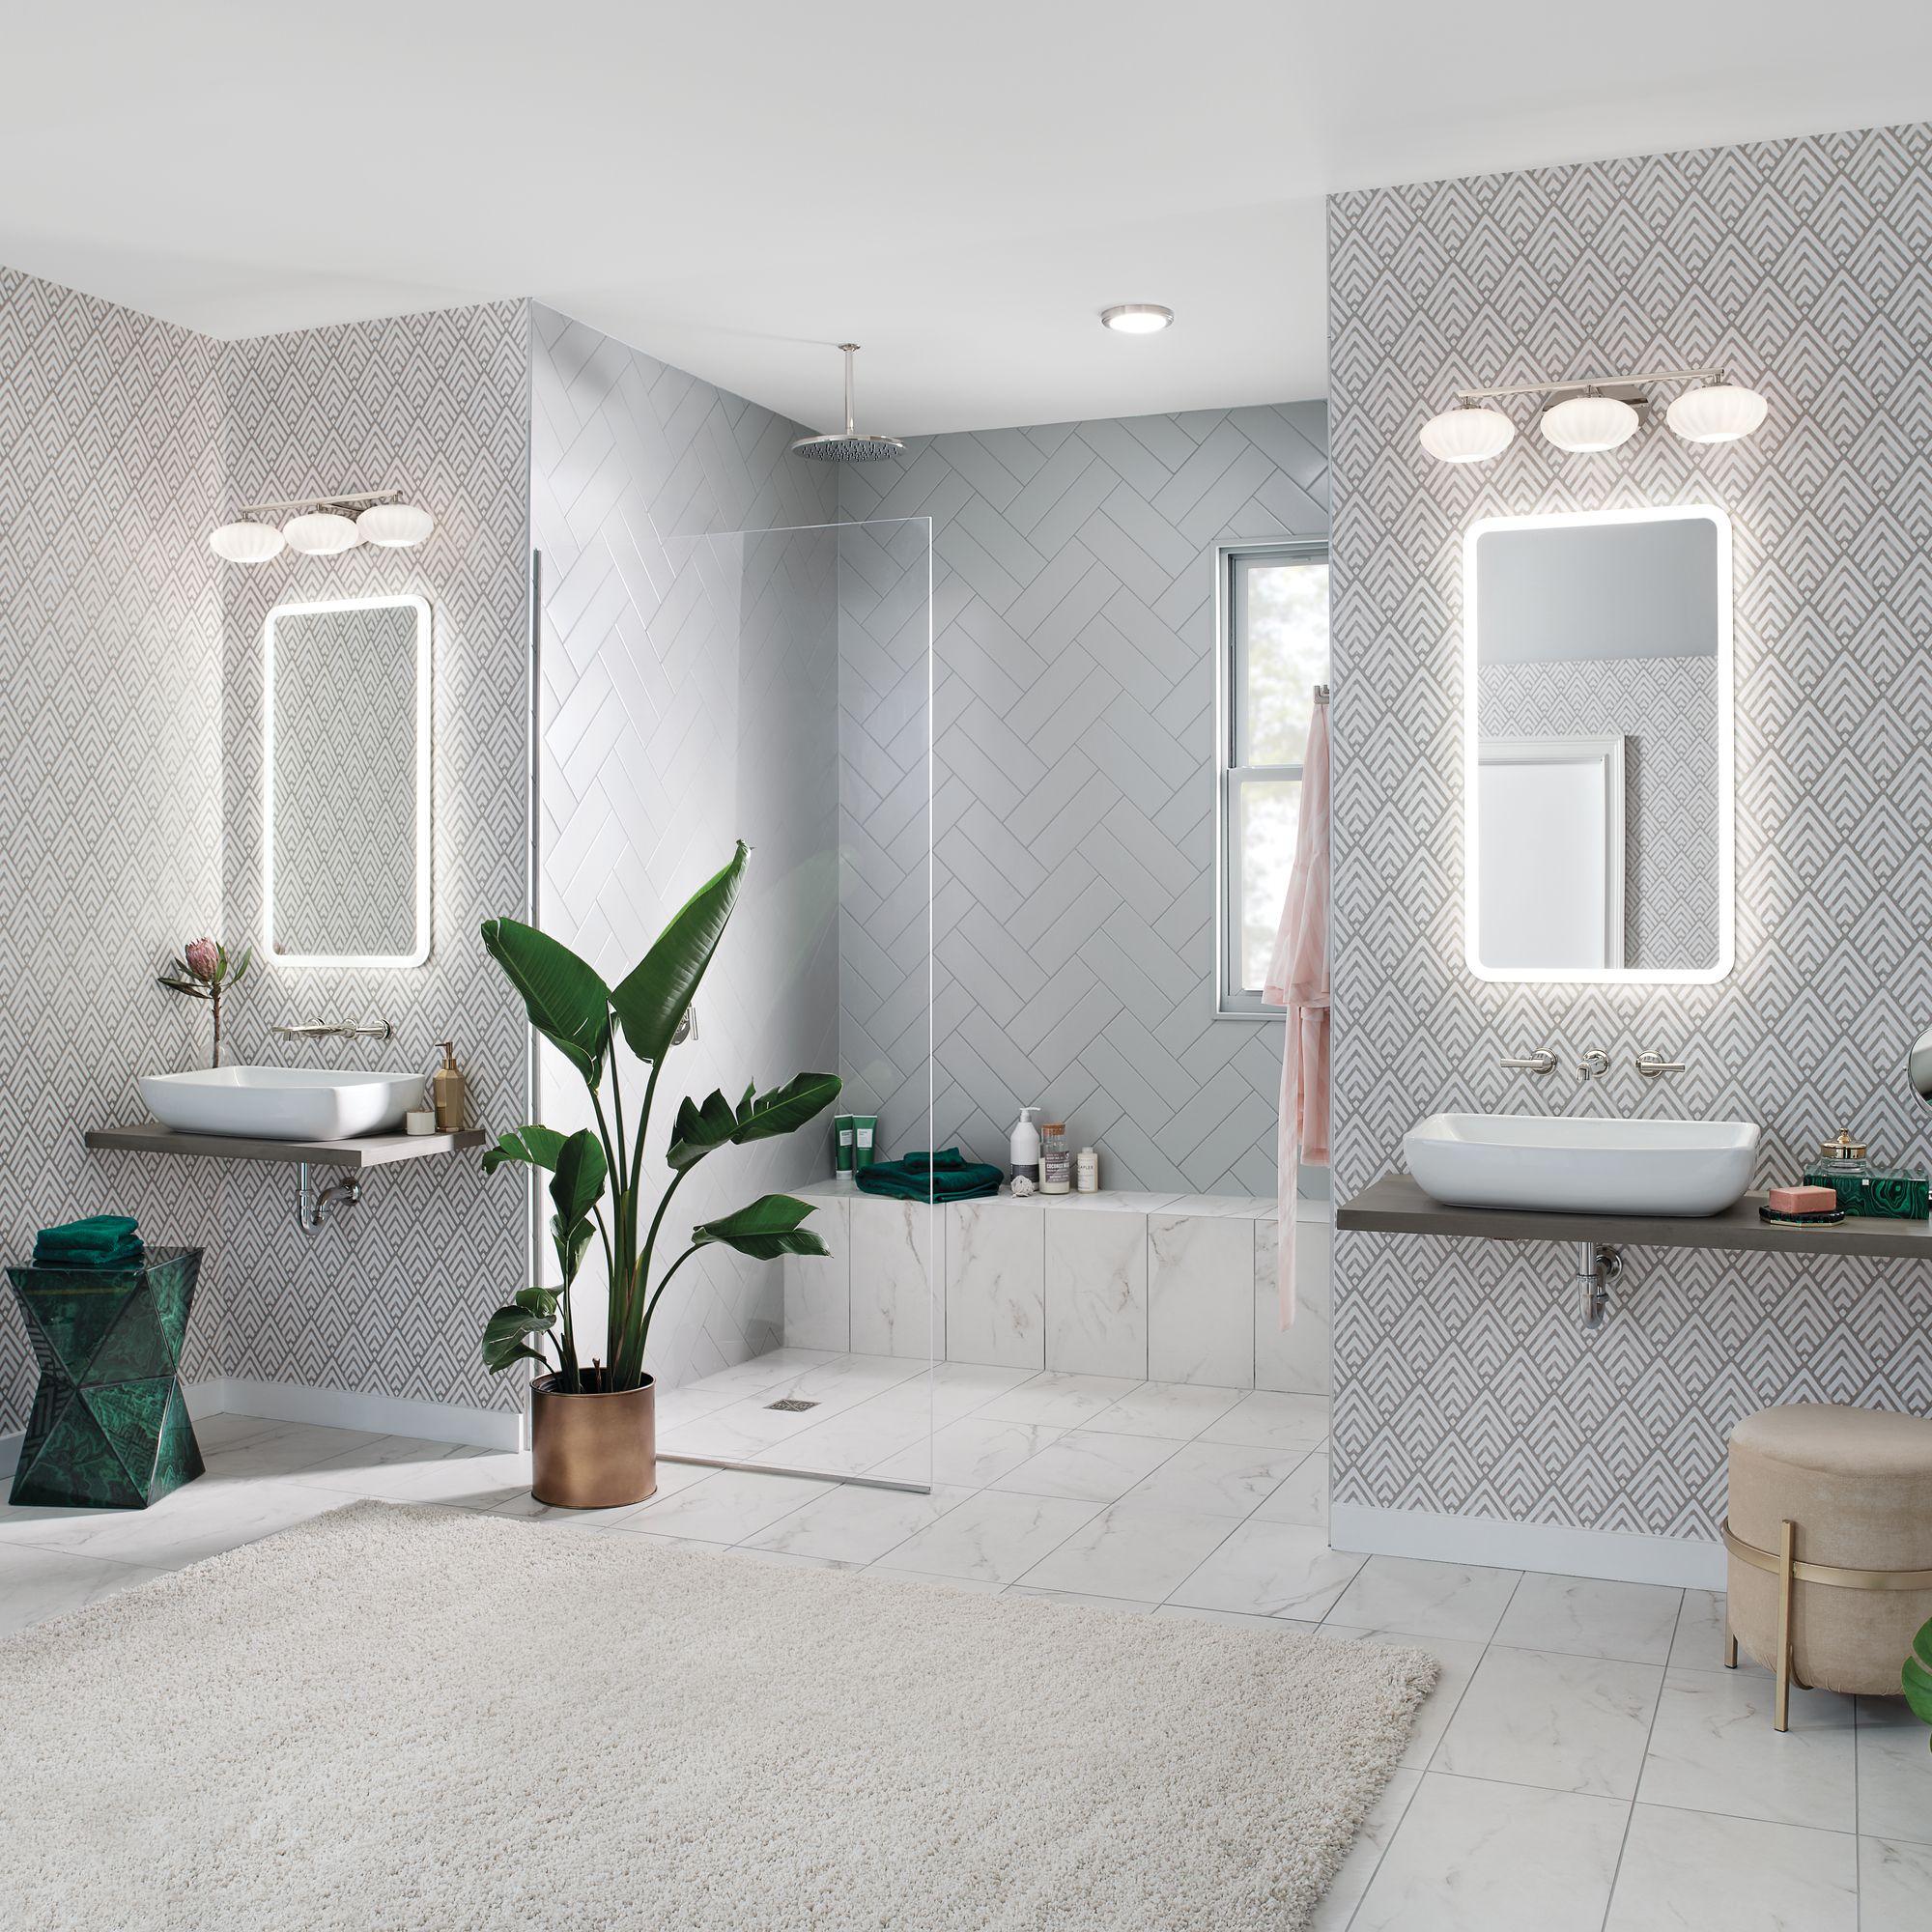 Bathroom Fixture In 2020 Mid Century Modern Design Backlit Mirror Modern Design